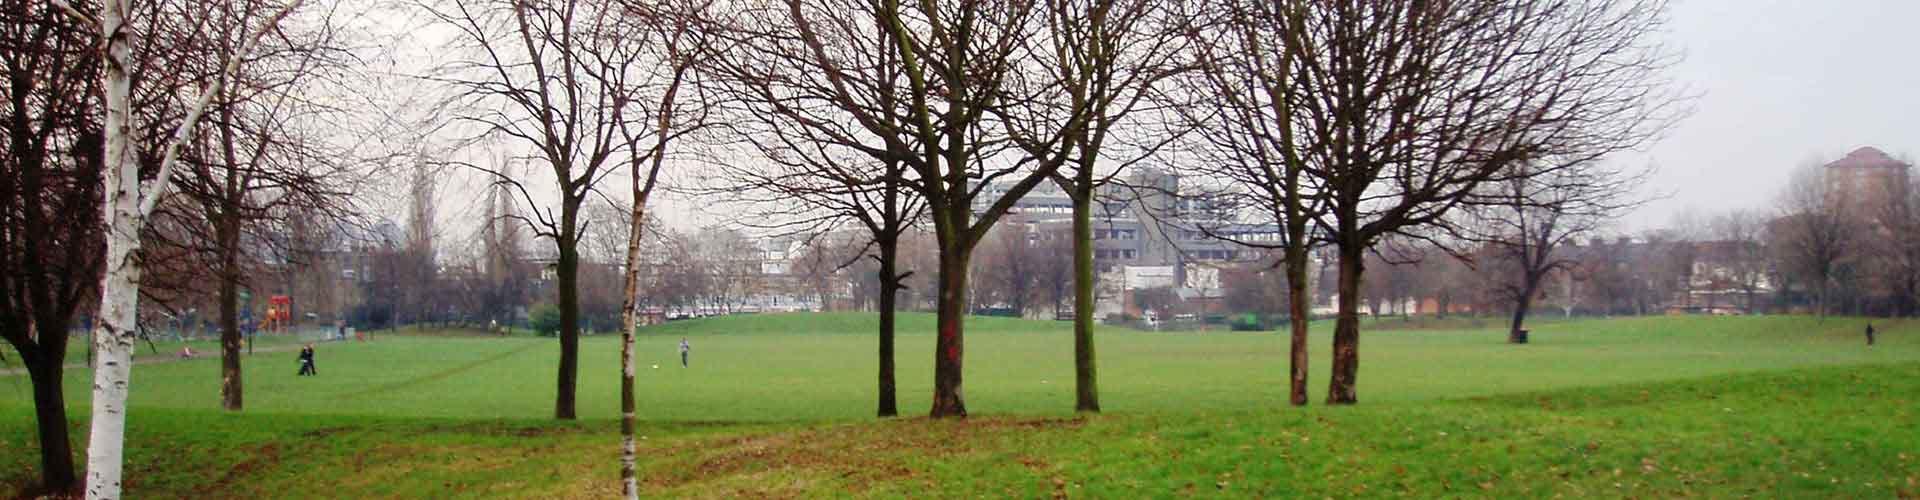 런던 - Borough of Lambeth 지구의 호스텔. 런던의 지도, 런던에 위치한 호스텔 사진 및 후기 정보.